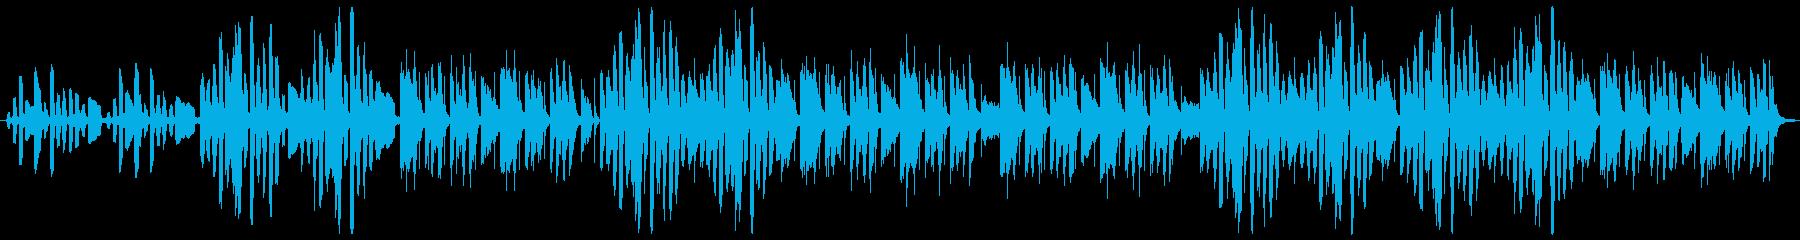 リコーダー2本でかわいくコミカルなループの再生済みの波形